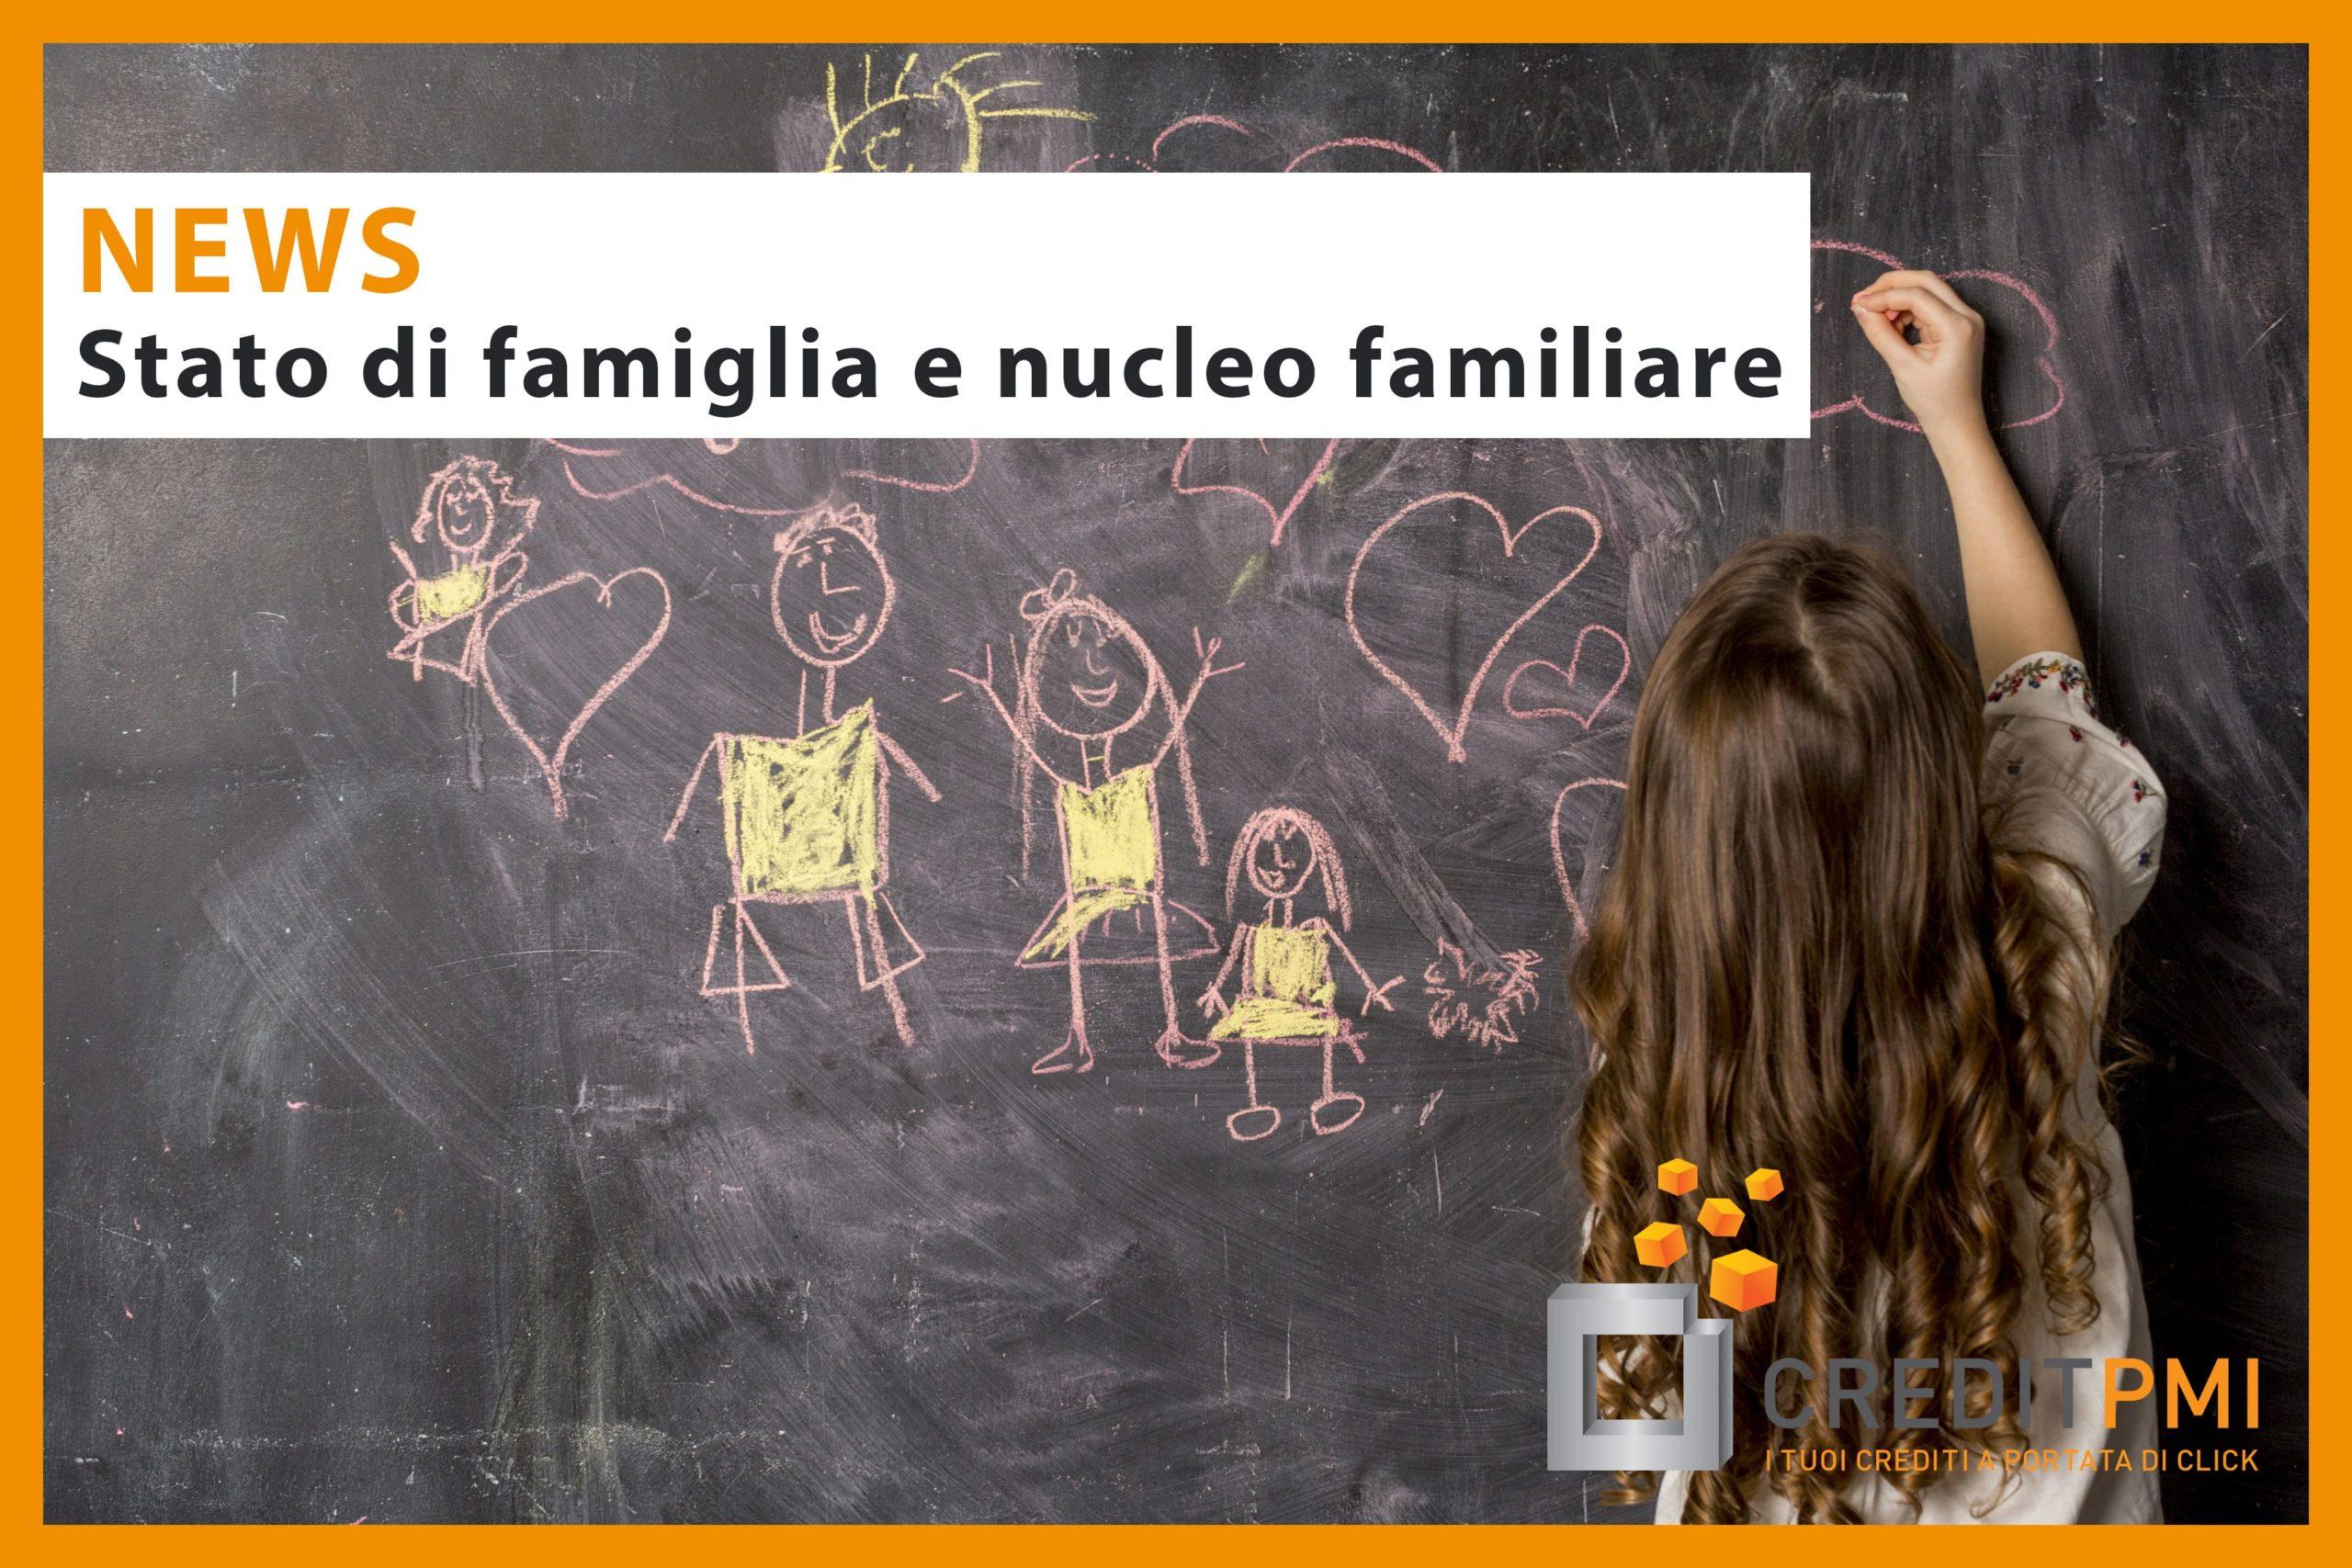 Stato di famiglia e nucleo familiare